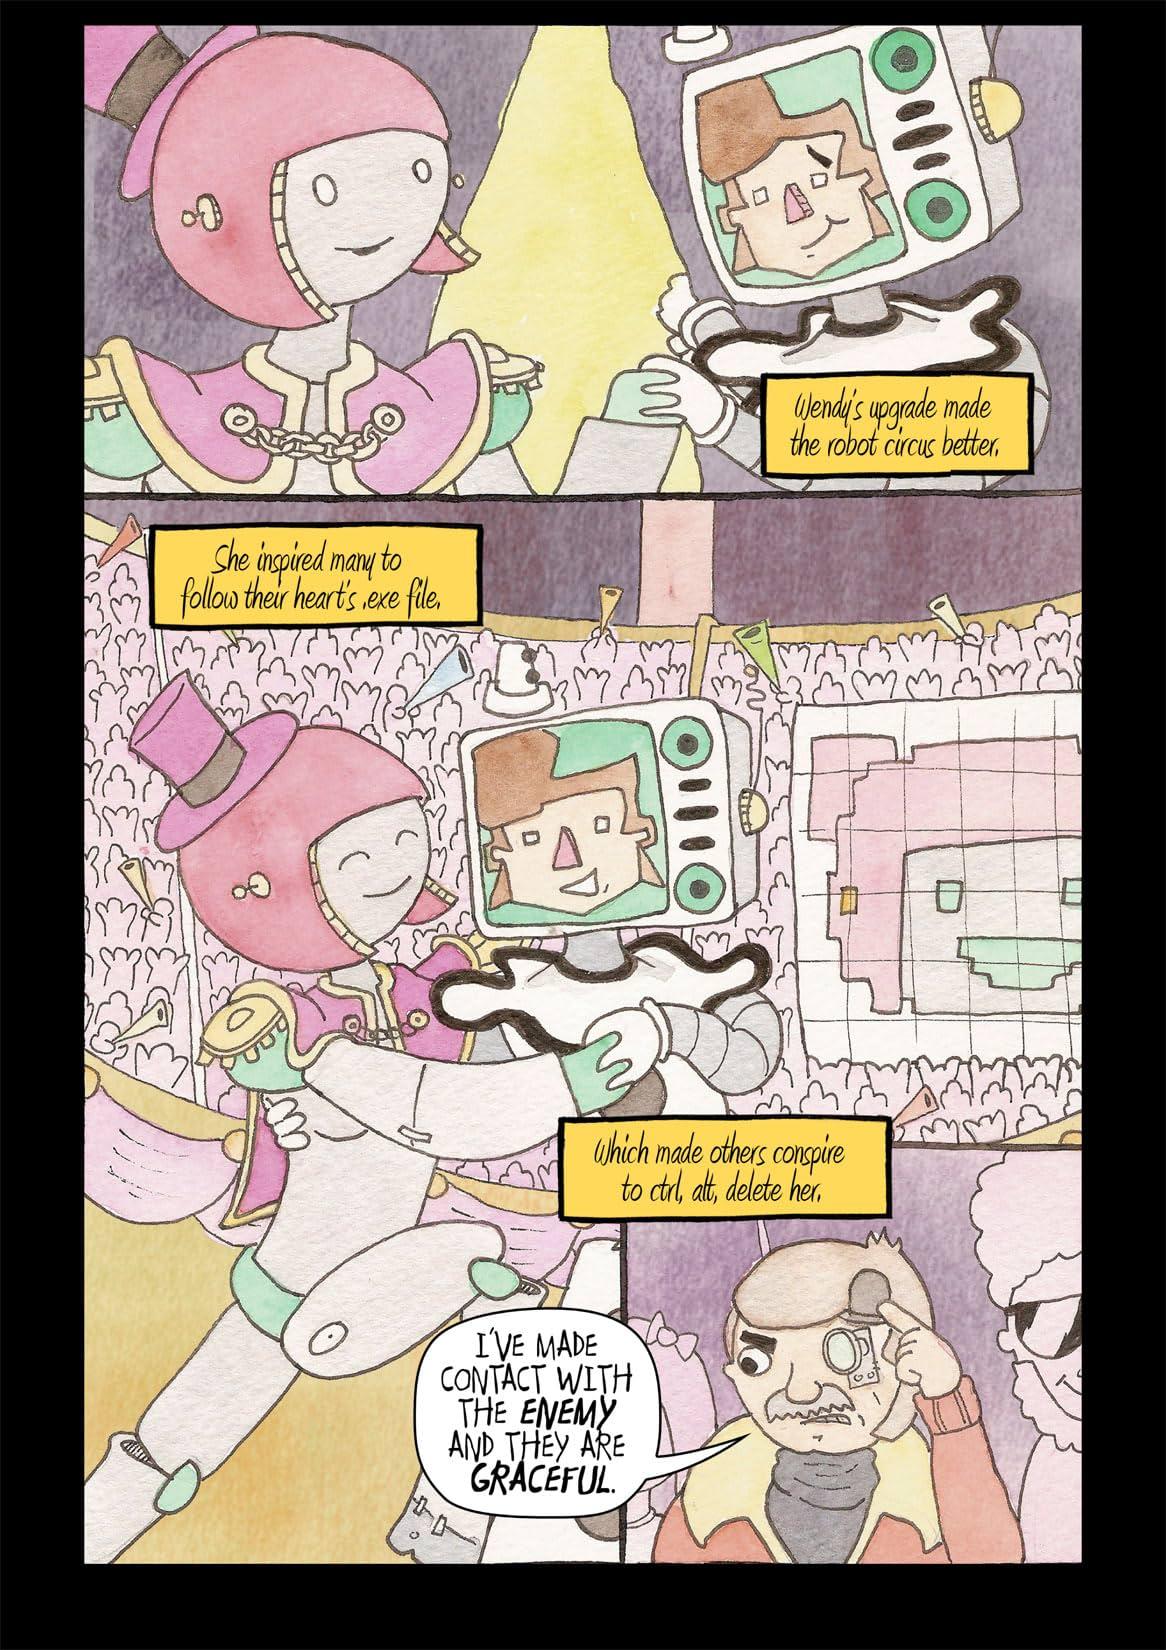 Carnivale De Robotique #3